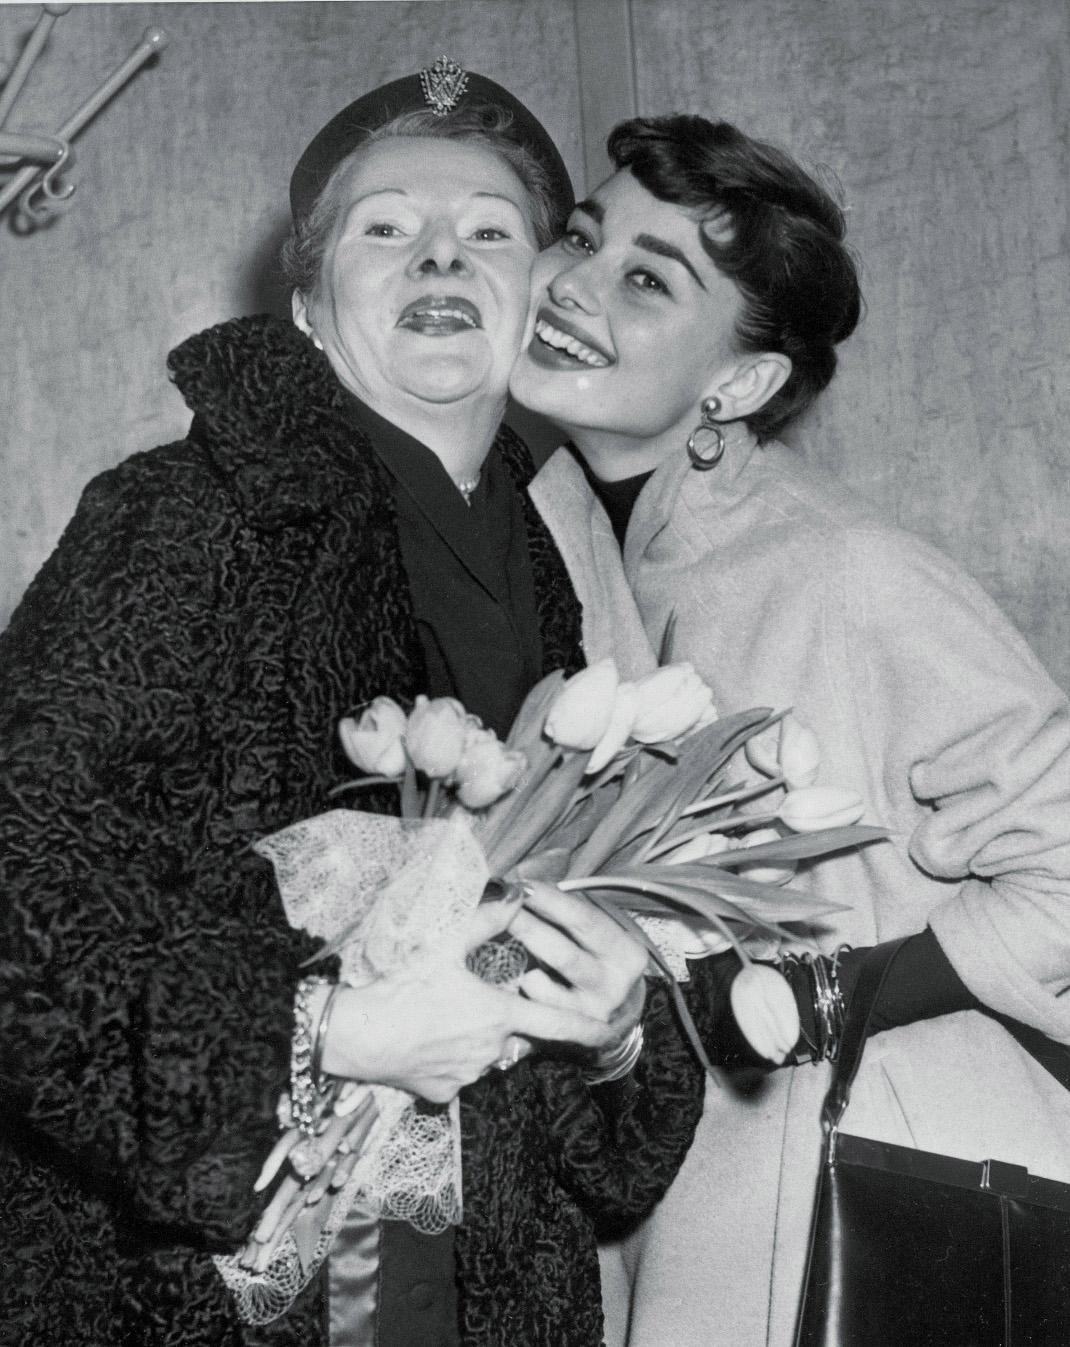 Η Οντρεϊ Χέπμπορν με τη μητέρα της, Φωτογραφία: ΑP images